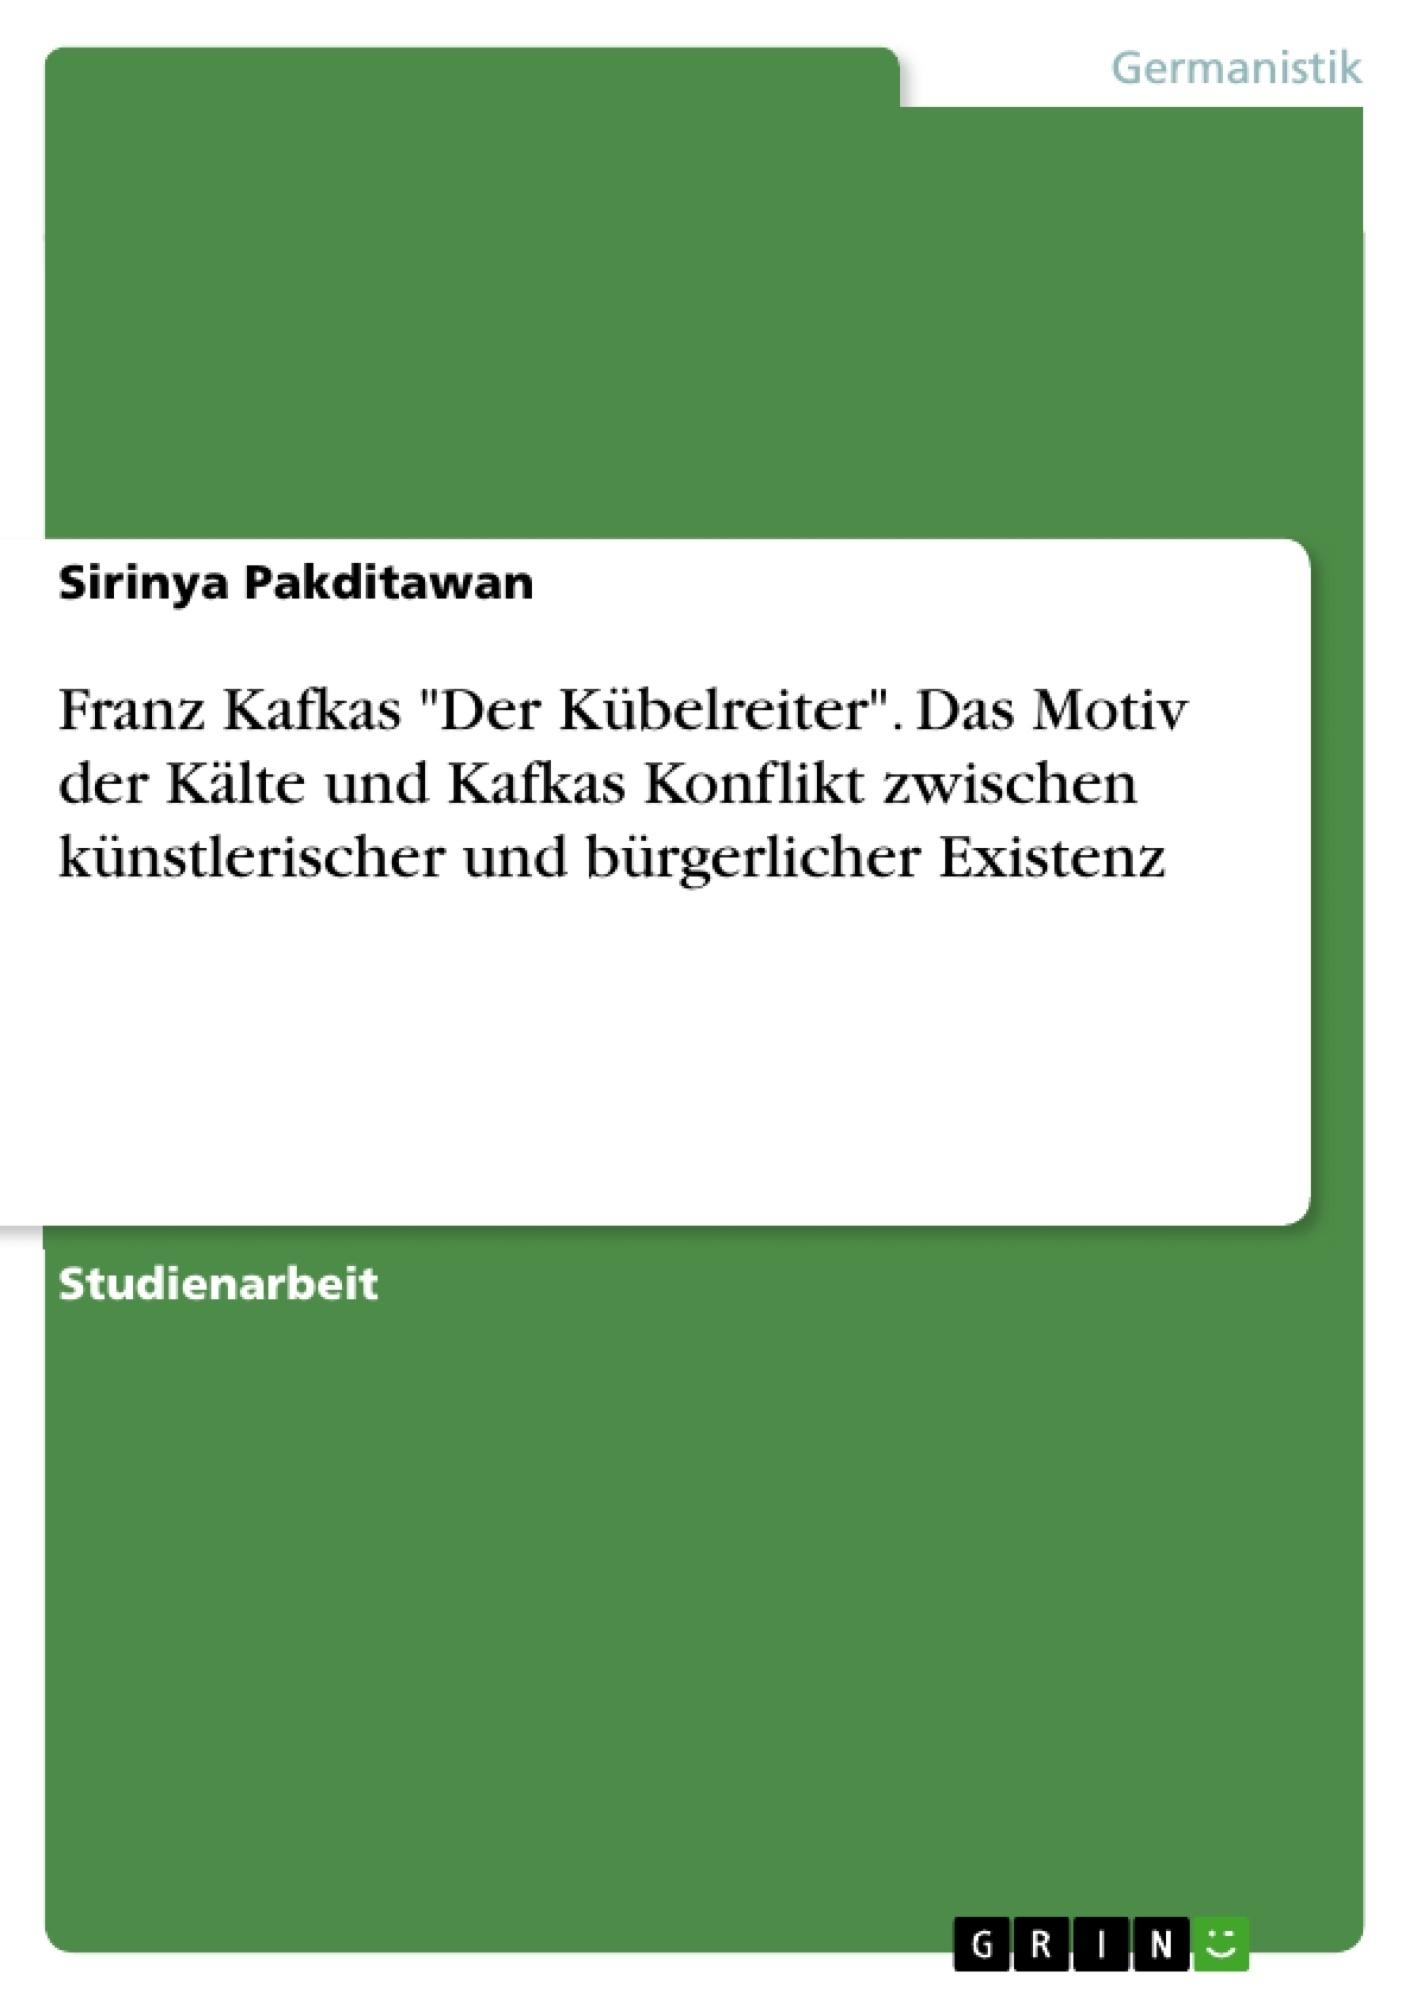 """Titel: Franz Kafkas """"Der Kübelreiter"""". Das Motiv der Kälte und Kafkas Konflikt zwischen künstlerischer und bürgerlicher Existenz"""